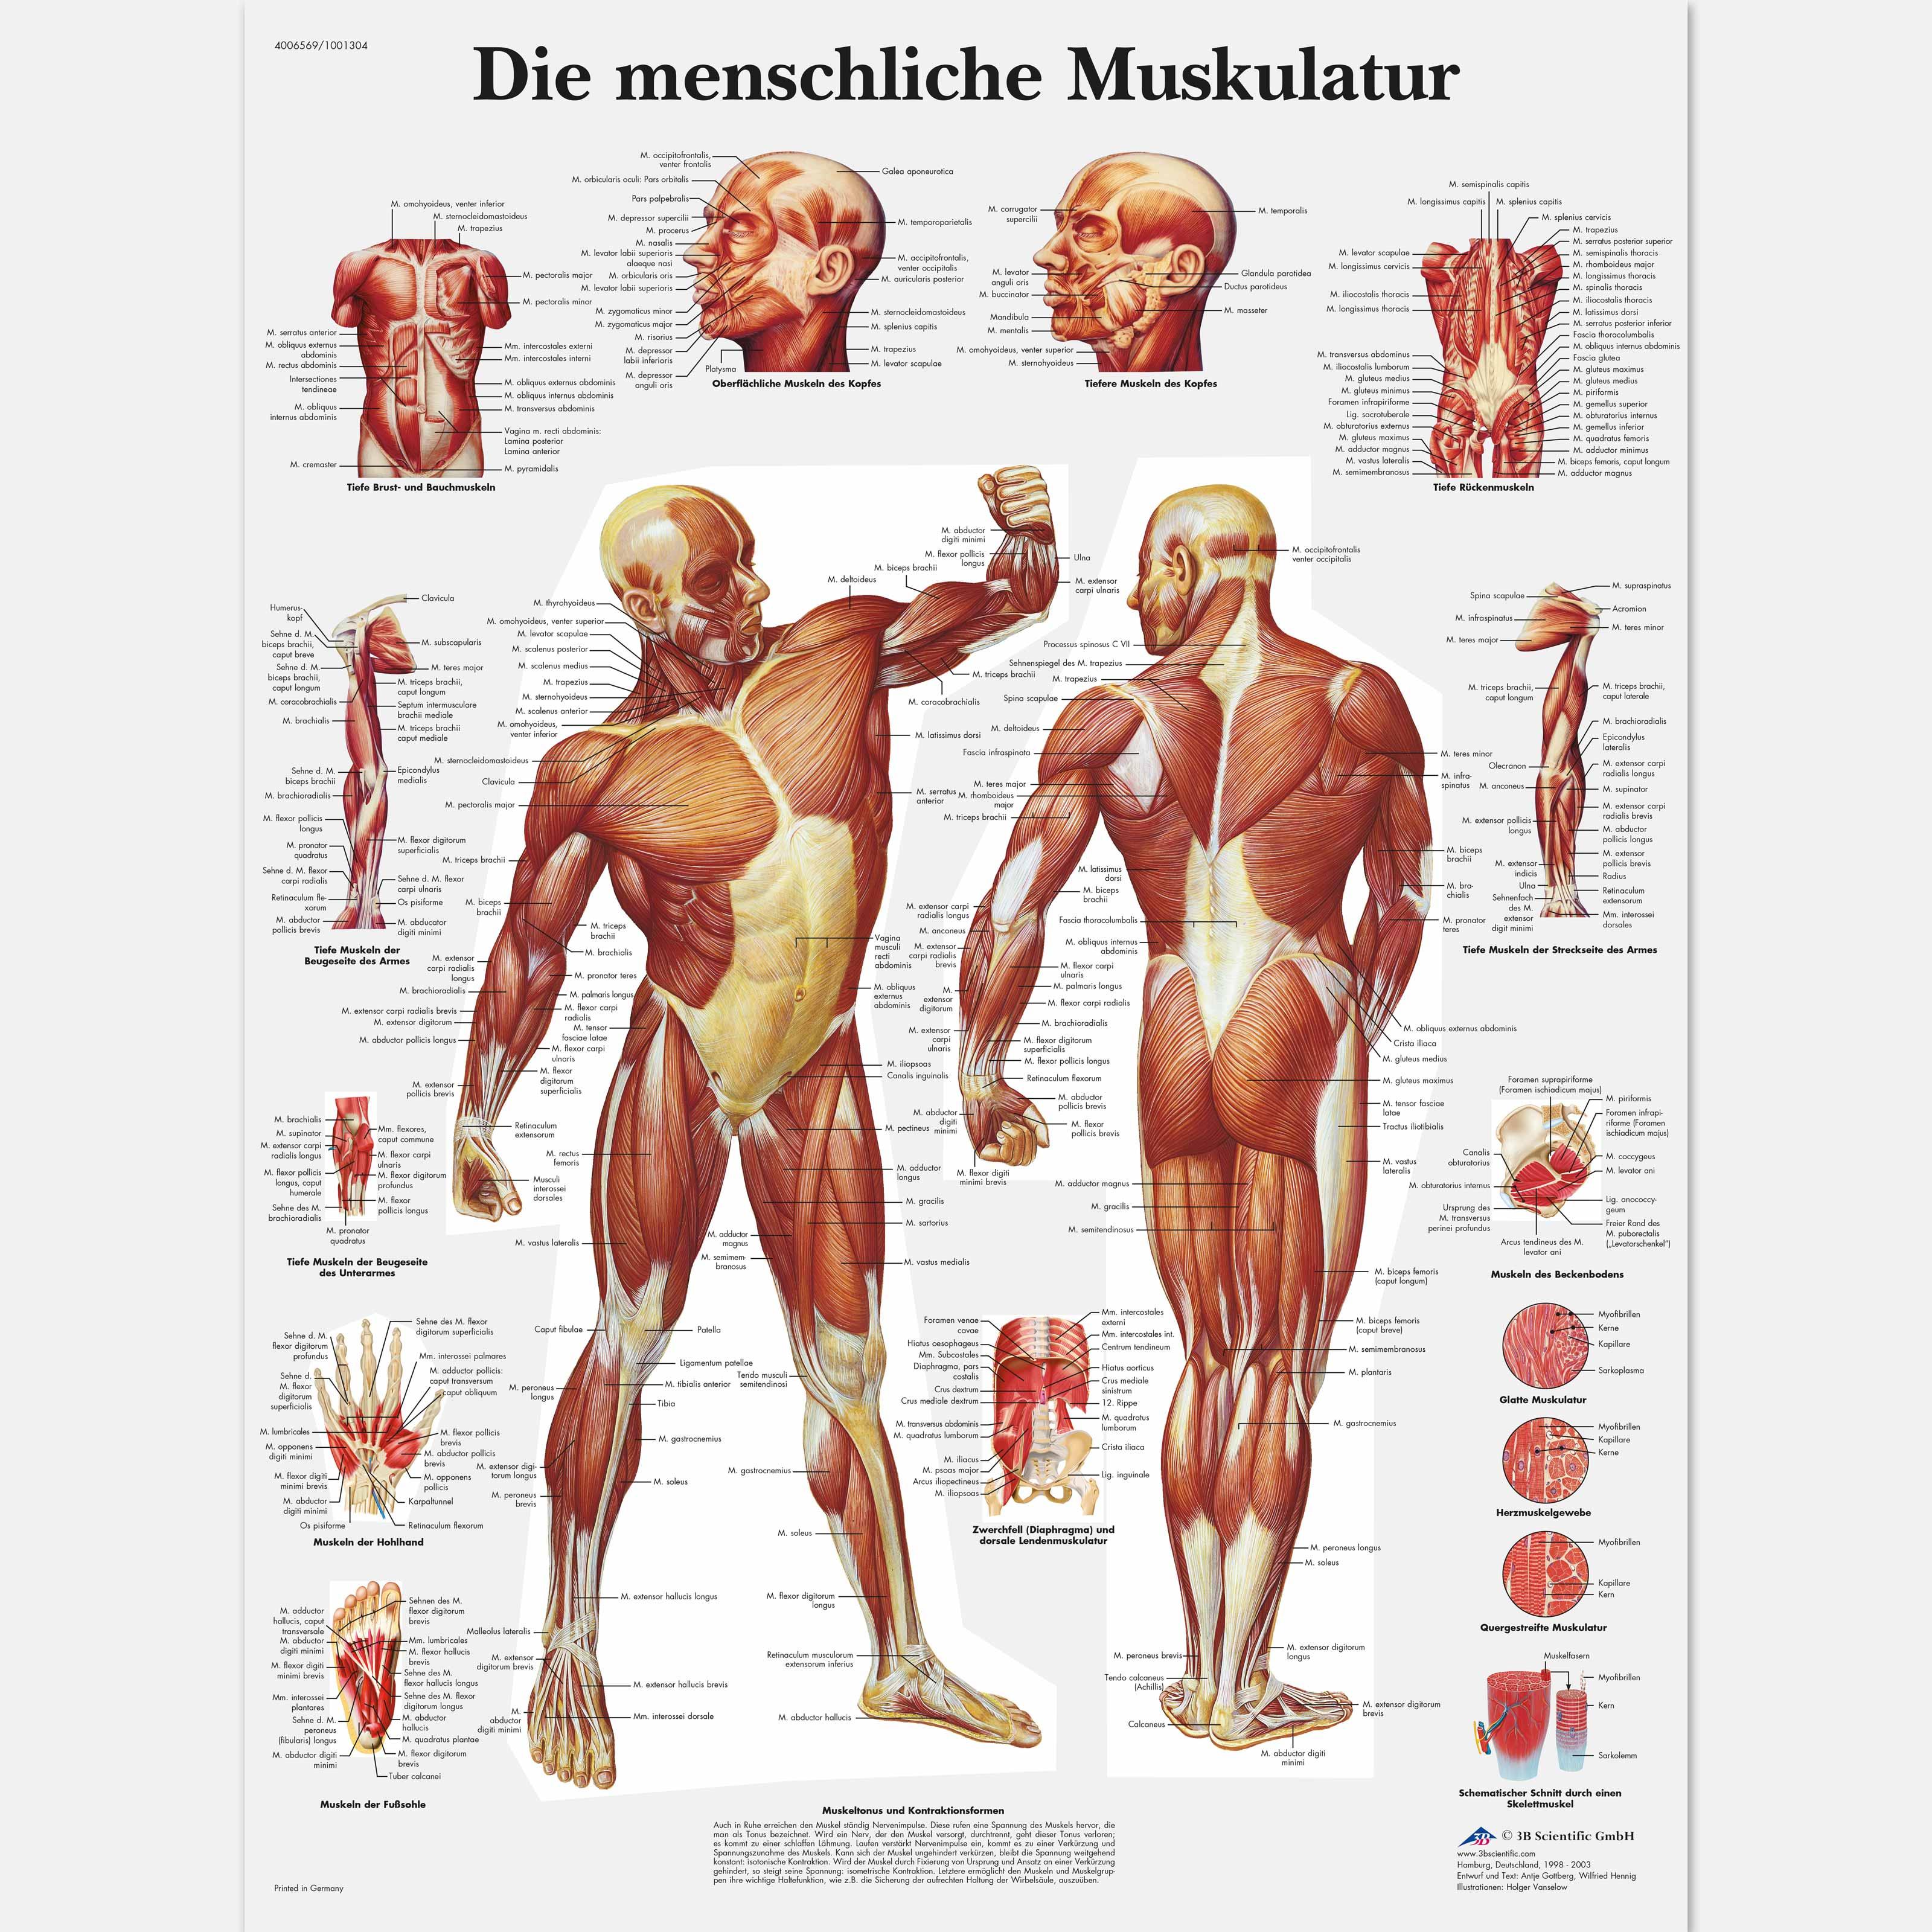 Die menschliche Muskulatur - 1001304 - VR0118L - Muscle - 3B Scientific